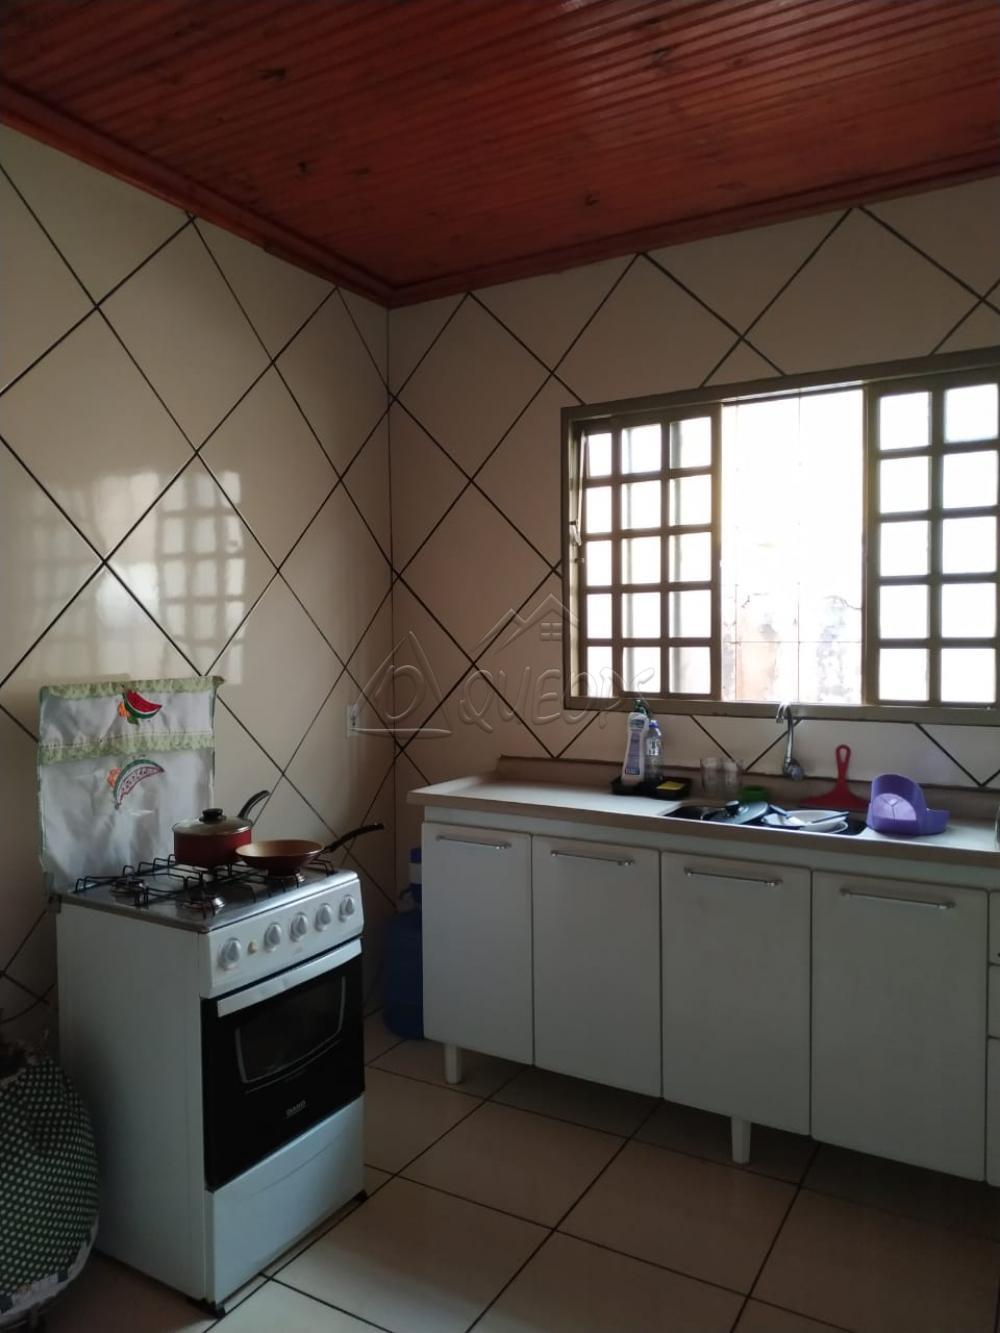 Comprar Casa / Padrão em Barretos apenas R$ 180.000,00 - Foto 12